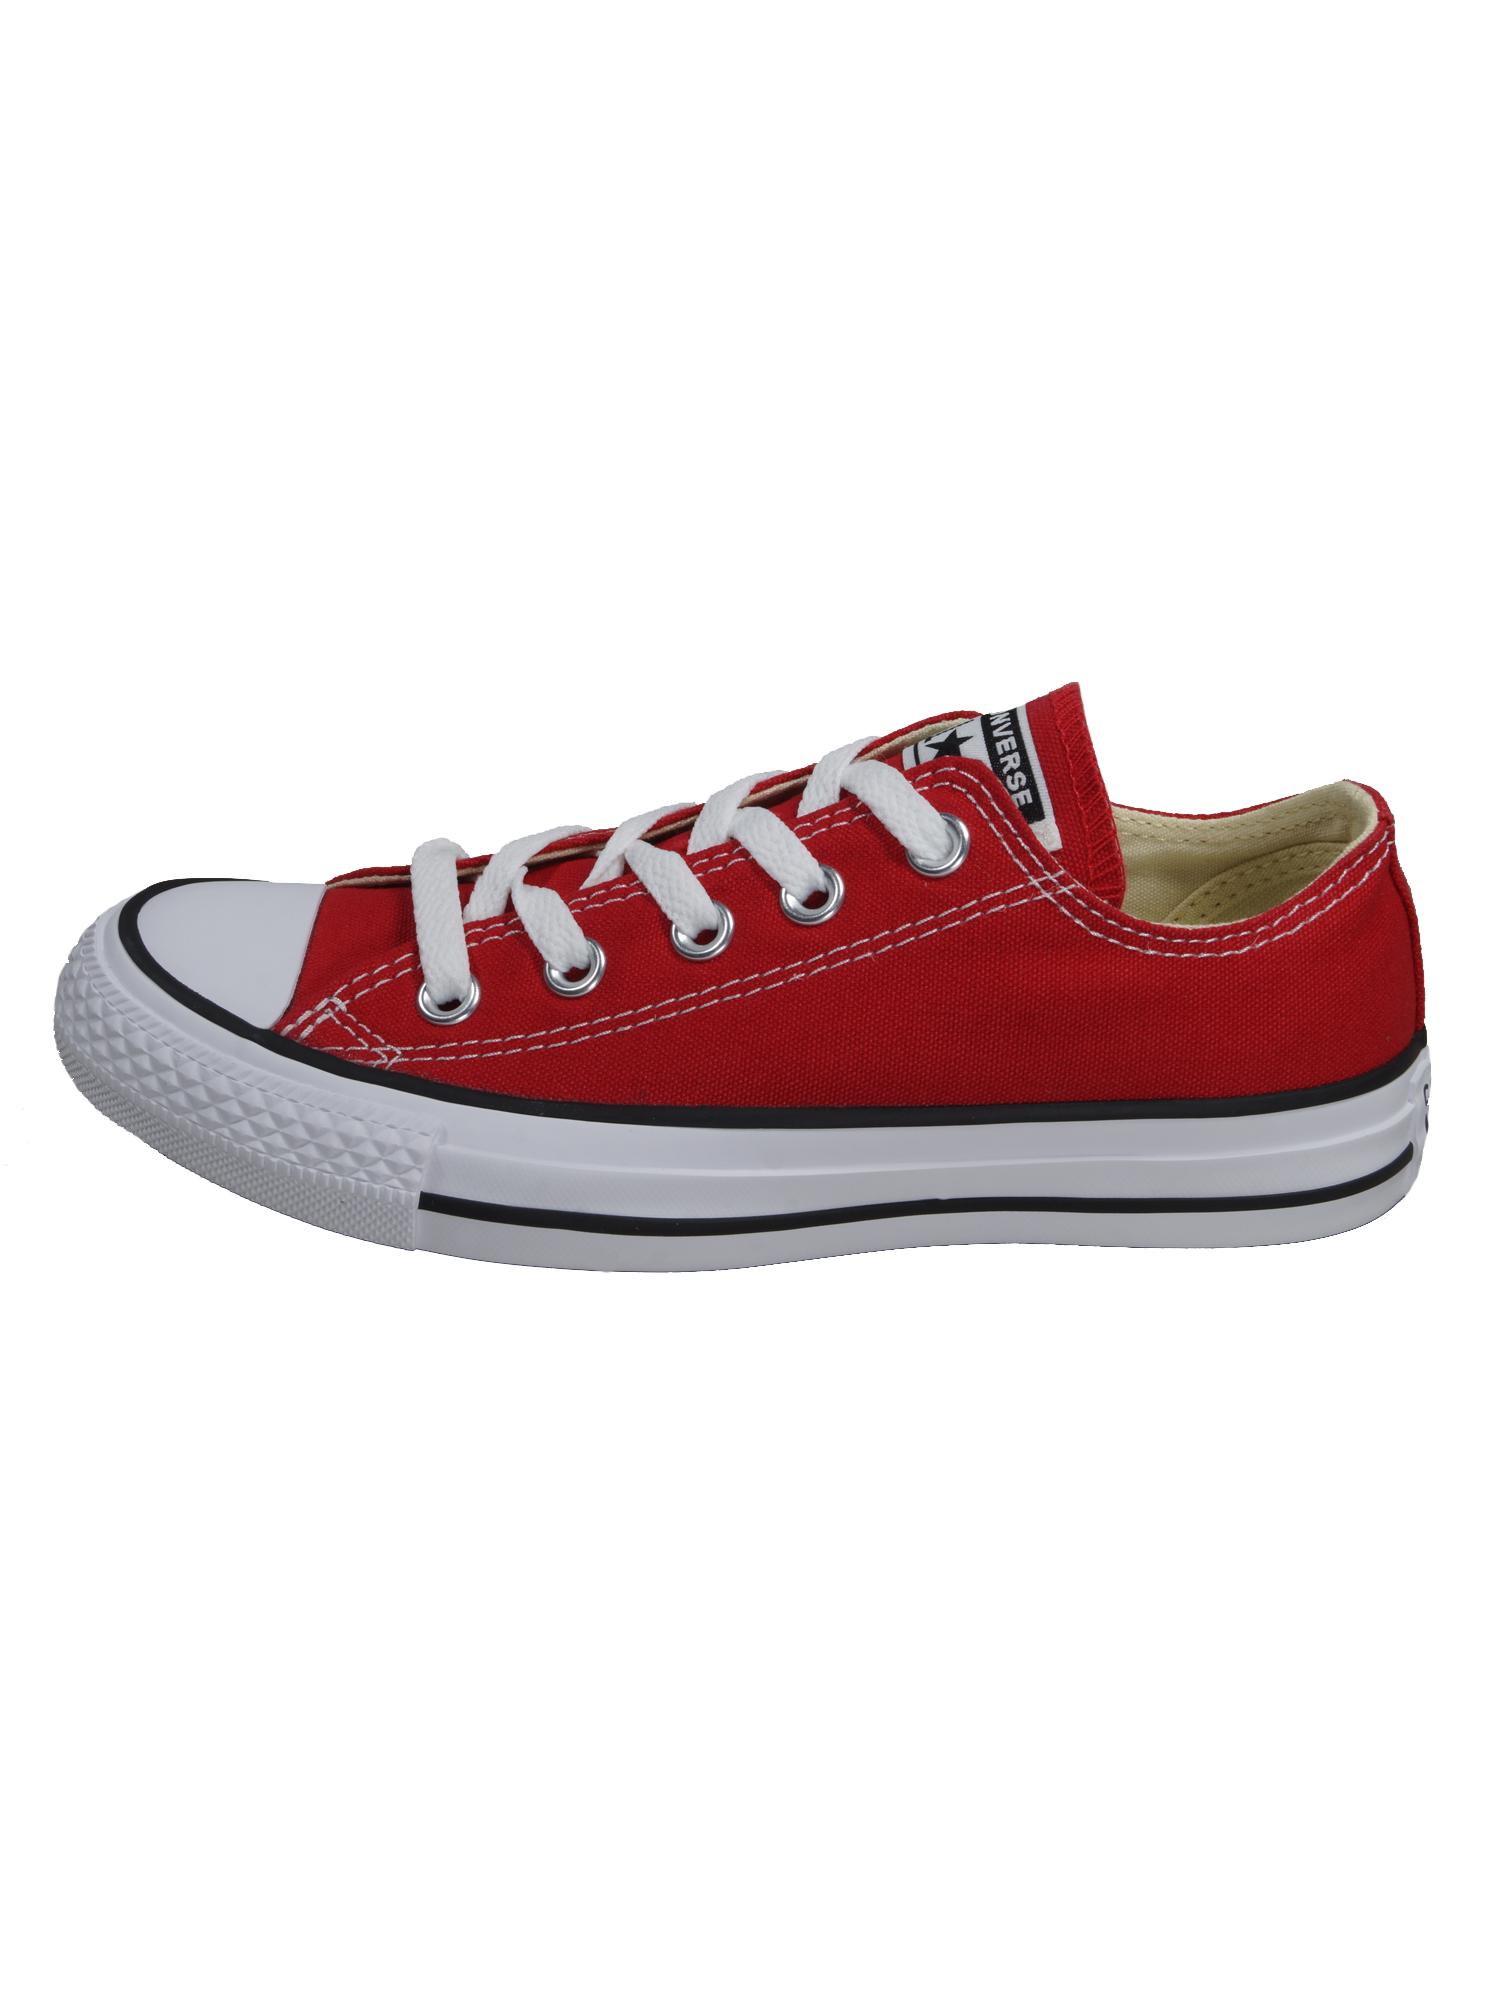 Converse Damen Schuhe CT All Star Ox Rot Leinen Sneakers Größe 36, 5